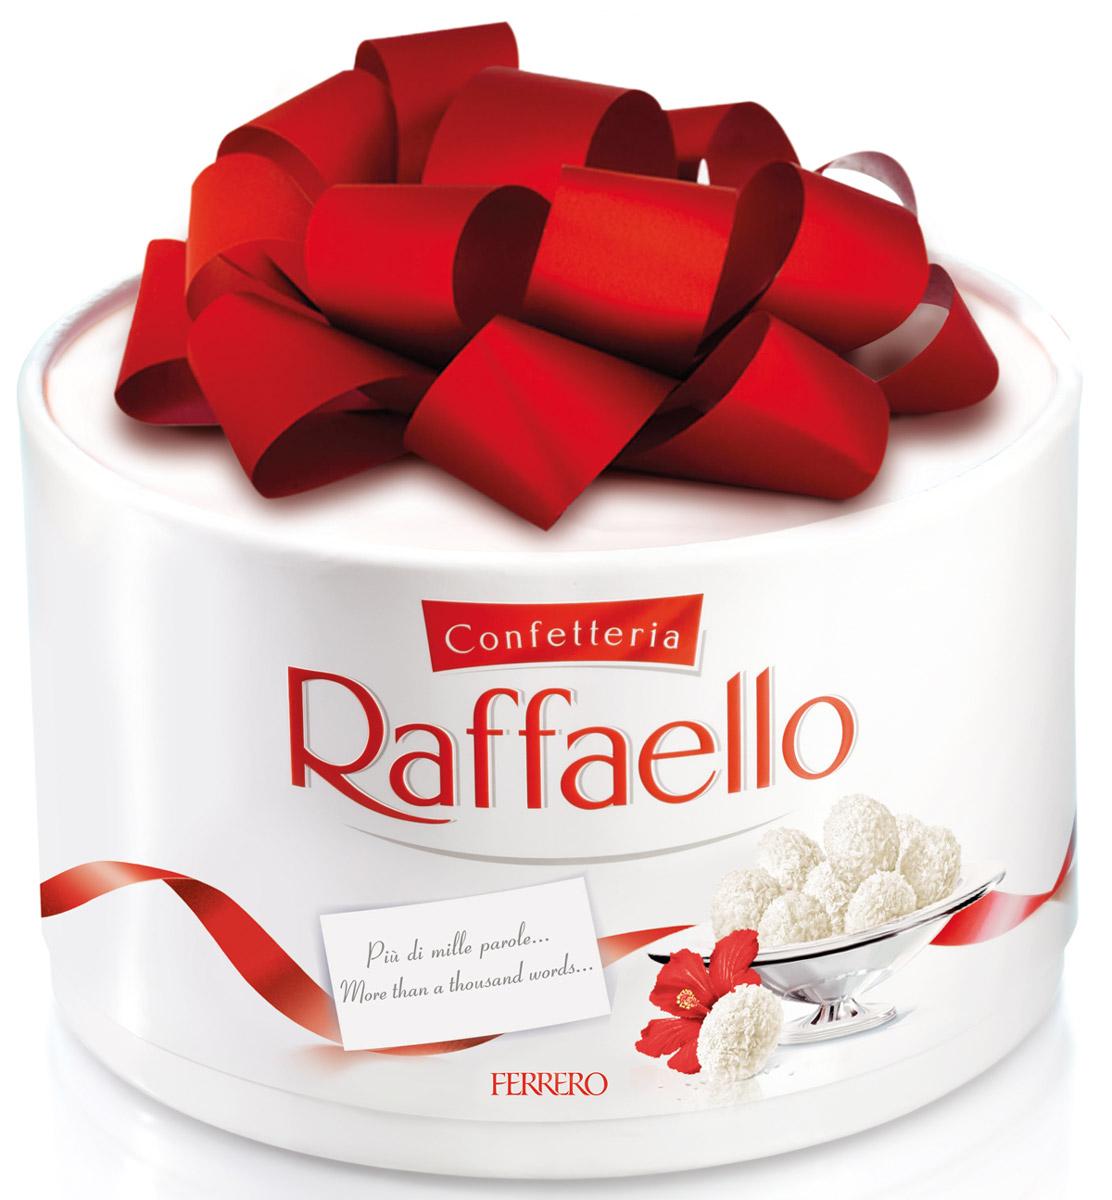 Raffaello конфеты с цельным миндальным орехом в кокосовой обсыпке, 100 г77115553/77098329/77070943Raffaello — это цельный миндальный орех и нежнейший молочный крем в хрустящей вафельной оболочке, покрытой кокосовыми хлопьями. Романтический подарок, который поможет вам выразить свои чувства! Самые известные и любимые конфеты в России, уже ставшие неотъемлемой частью жизни российских потребителей. Такой успех стал возможным благодаря множеству факторов, но прежде всего — благодаря уникальному сочетанию неповторимого вкуса, изысканной белоснежной упаковки и, конечно, романтического имиджа.